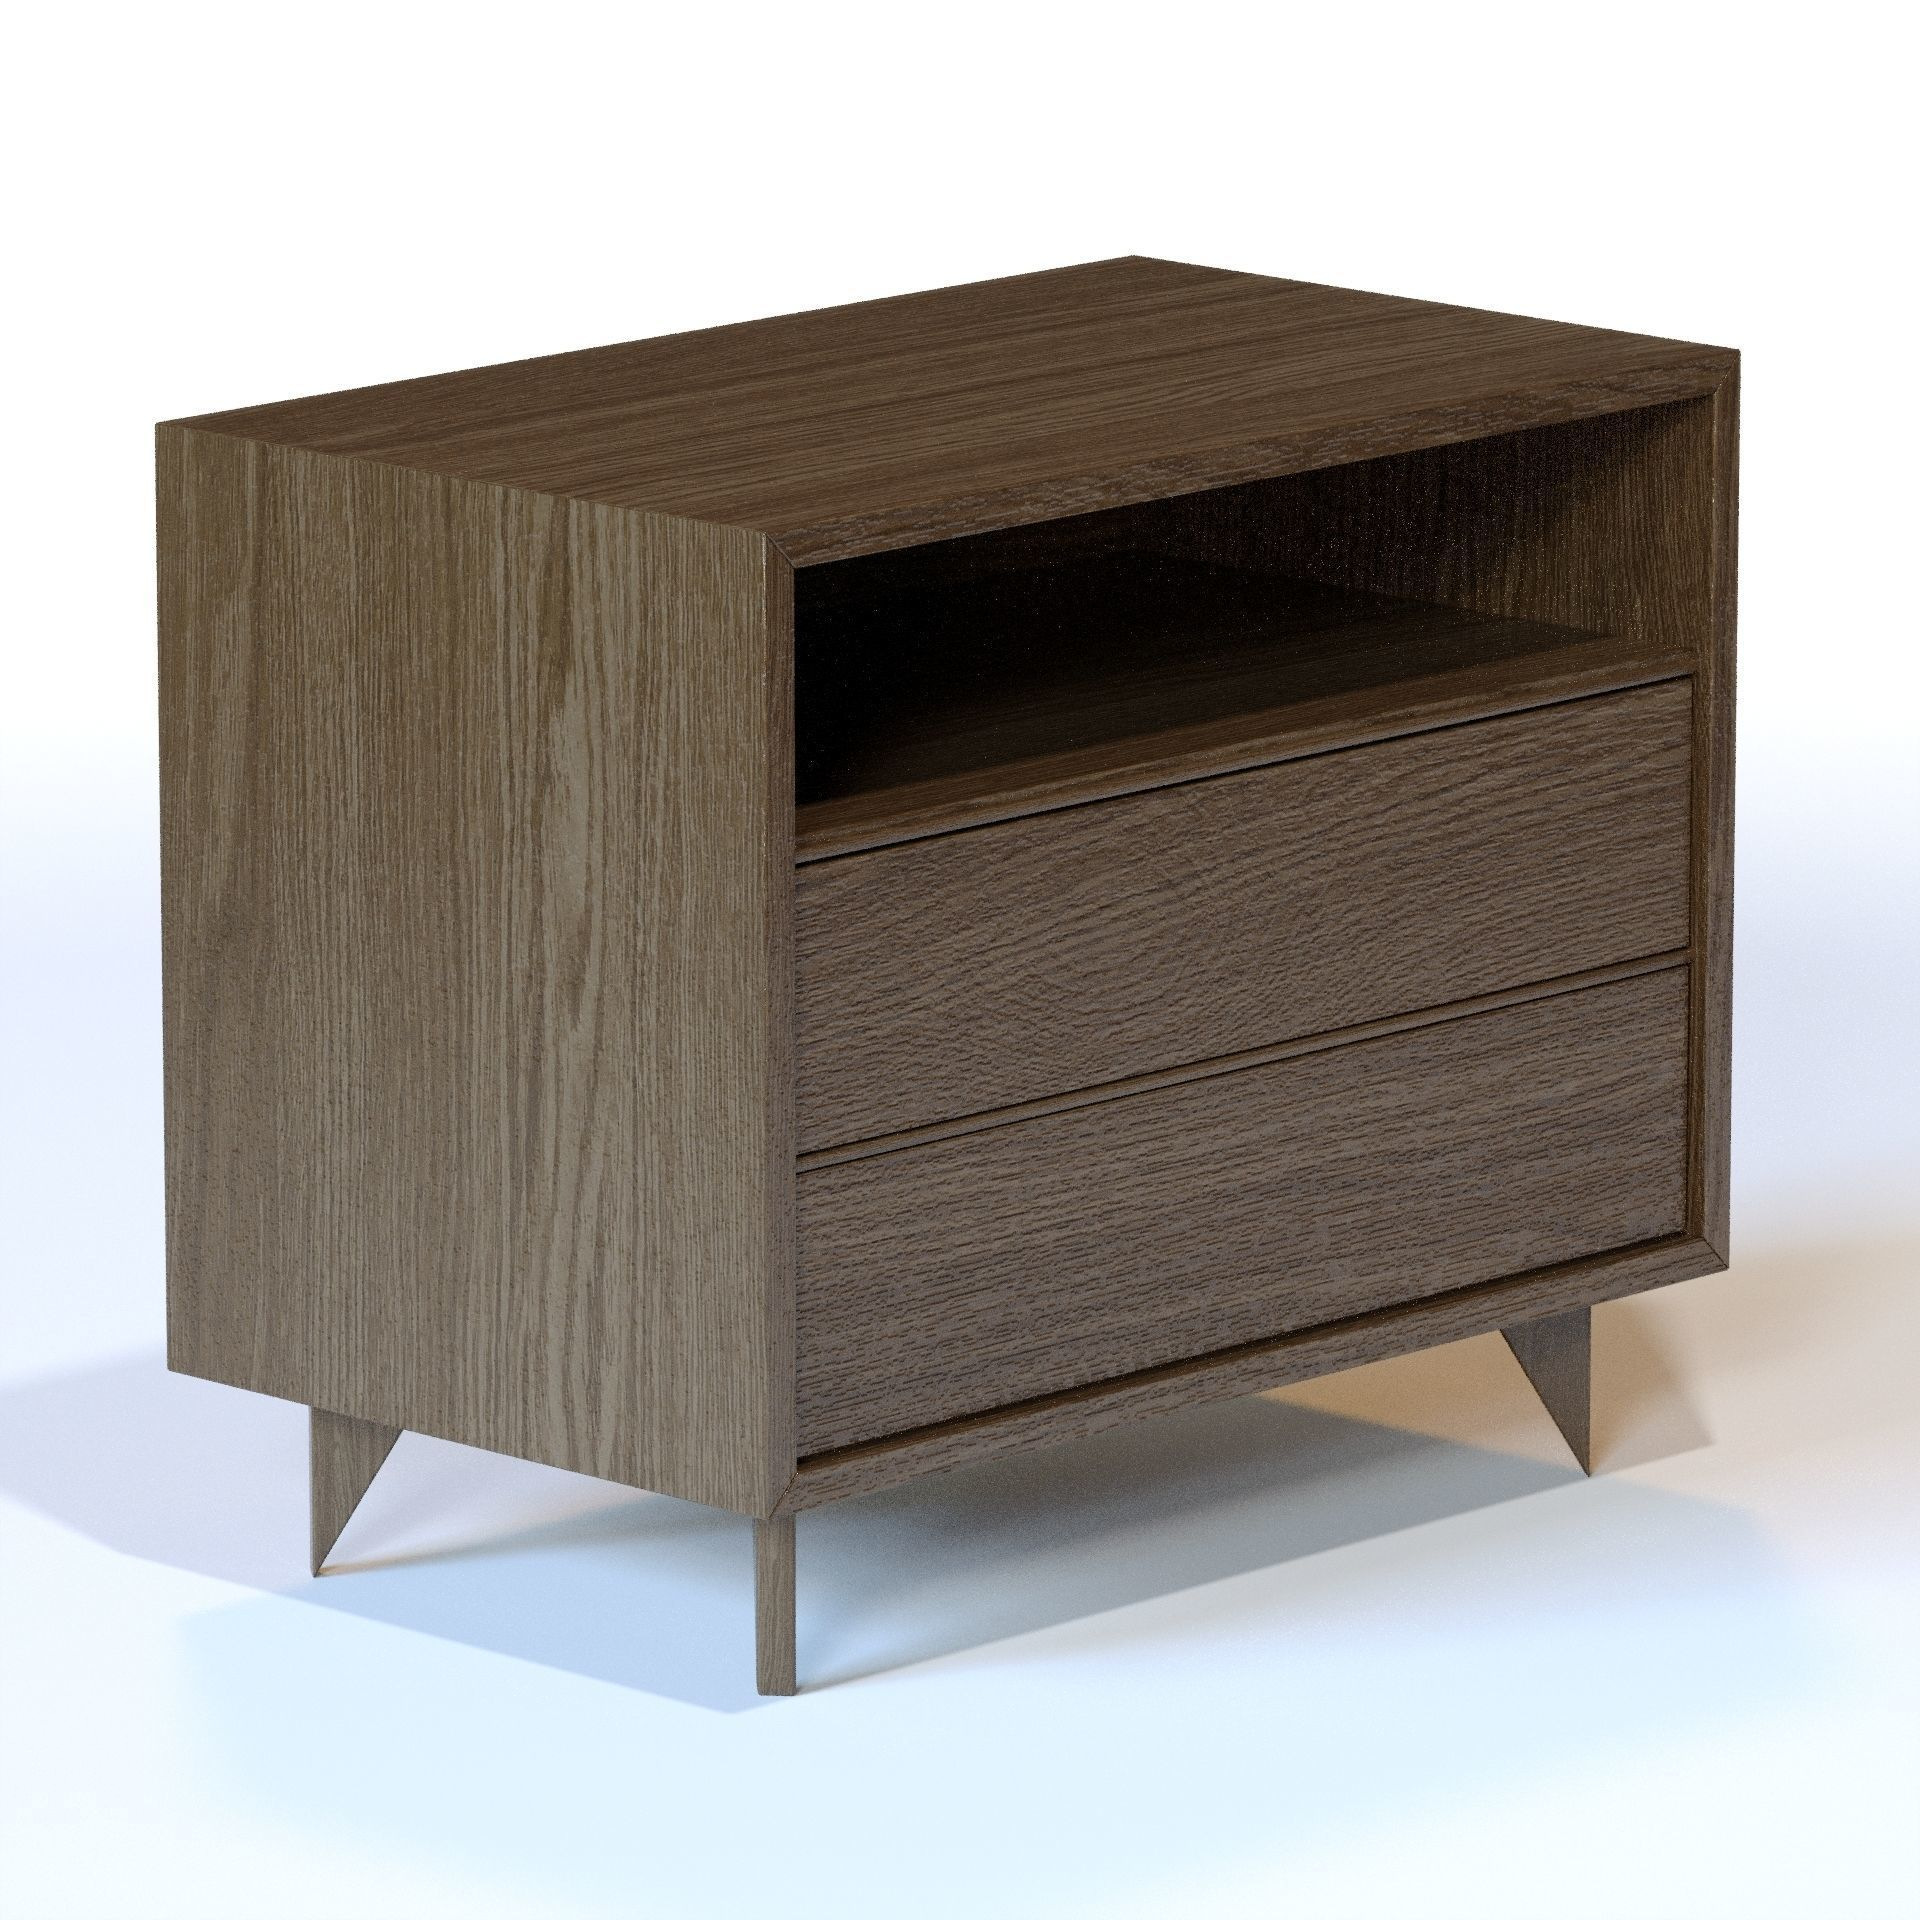 Wud Furniture Design Henry End Table